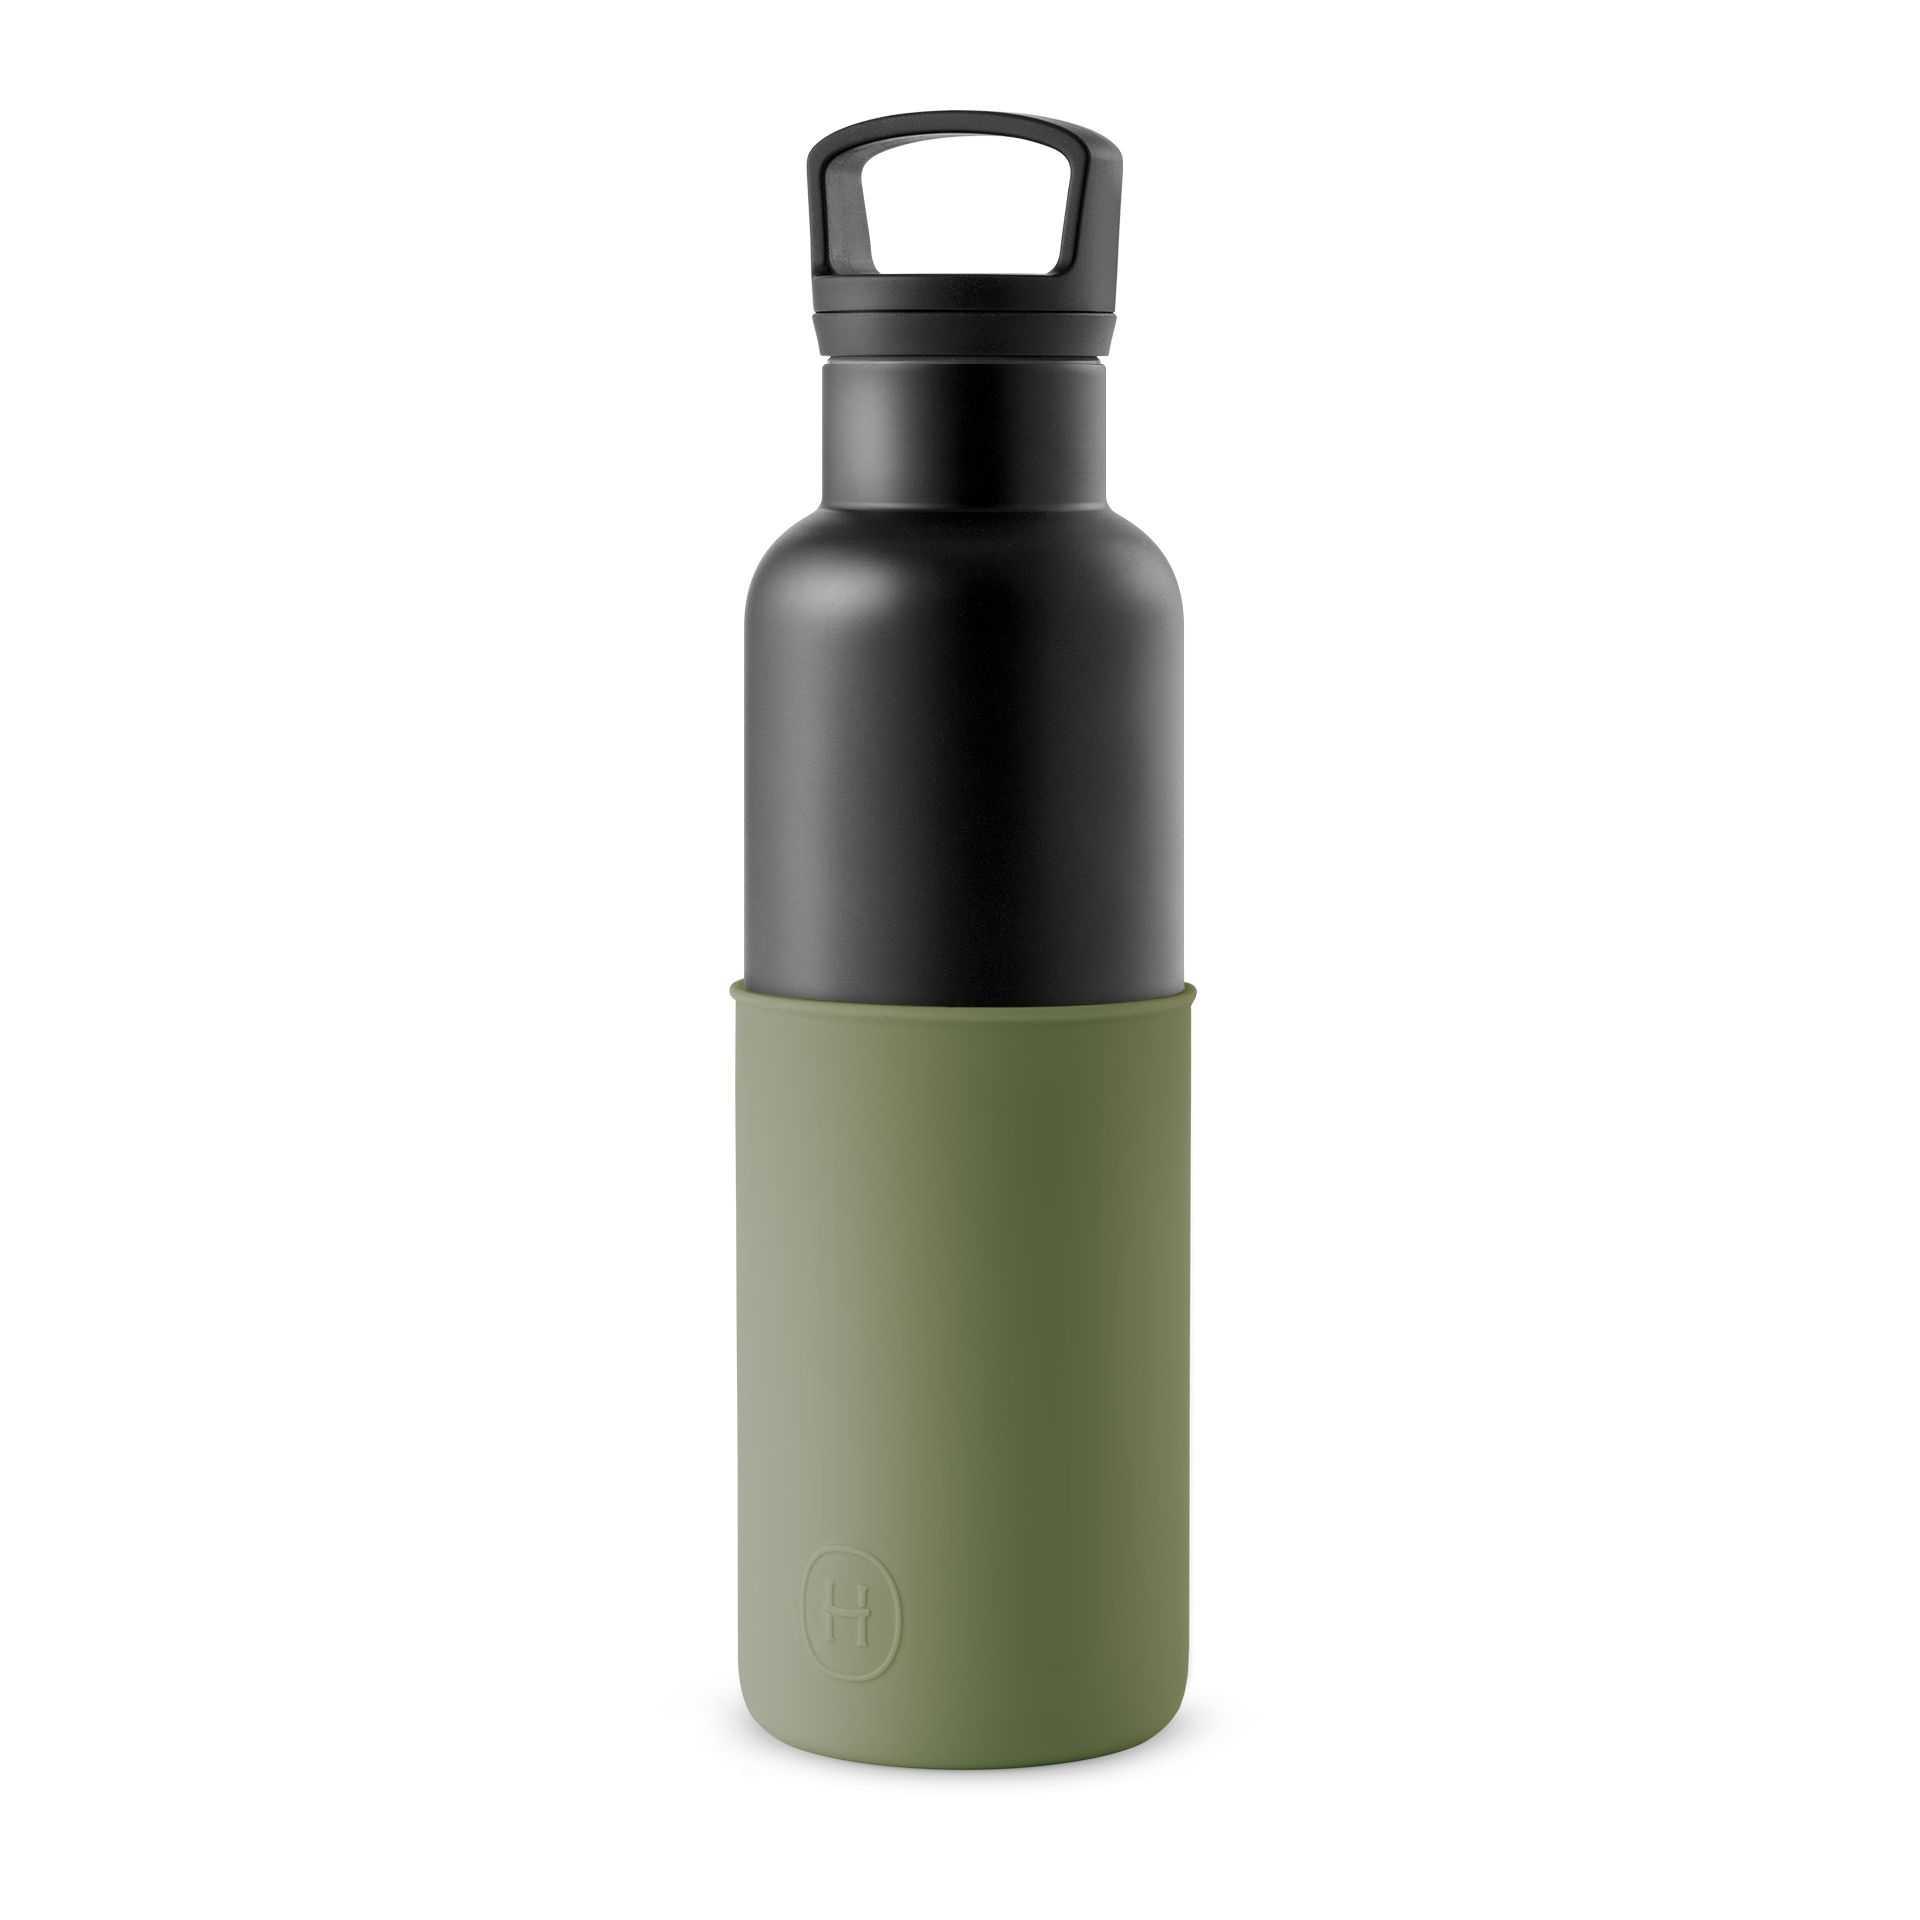 【HYDY】海藻綠-黑瓶 590ml